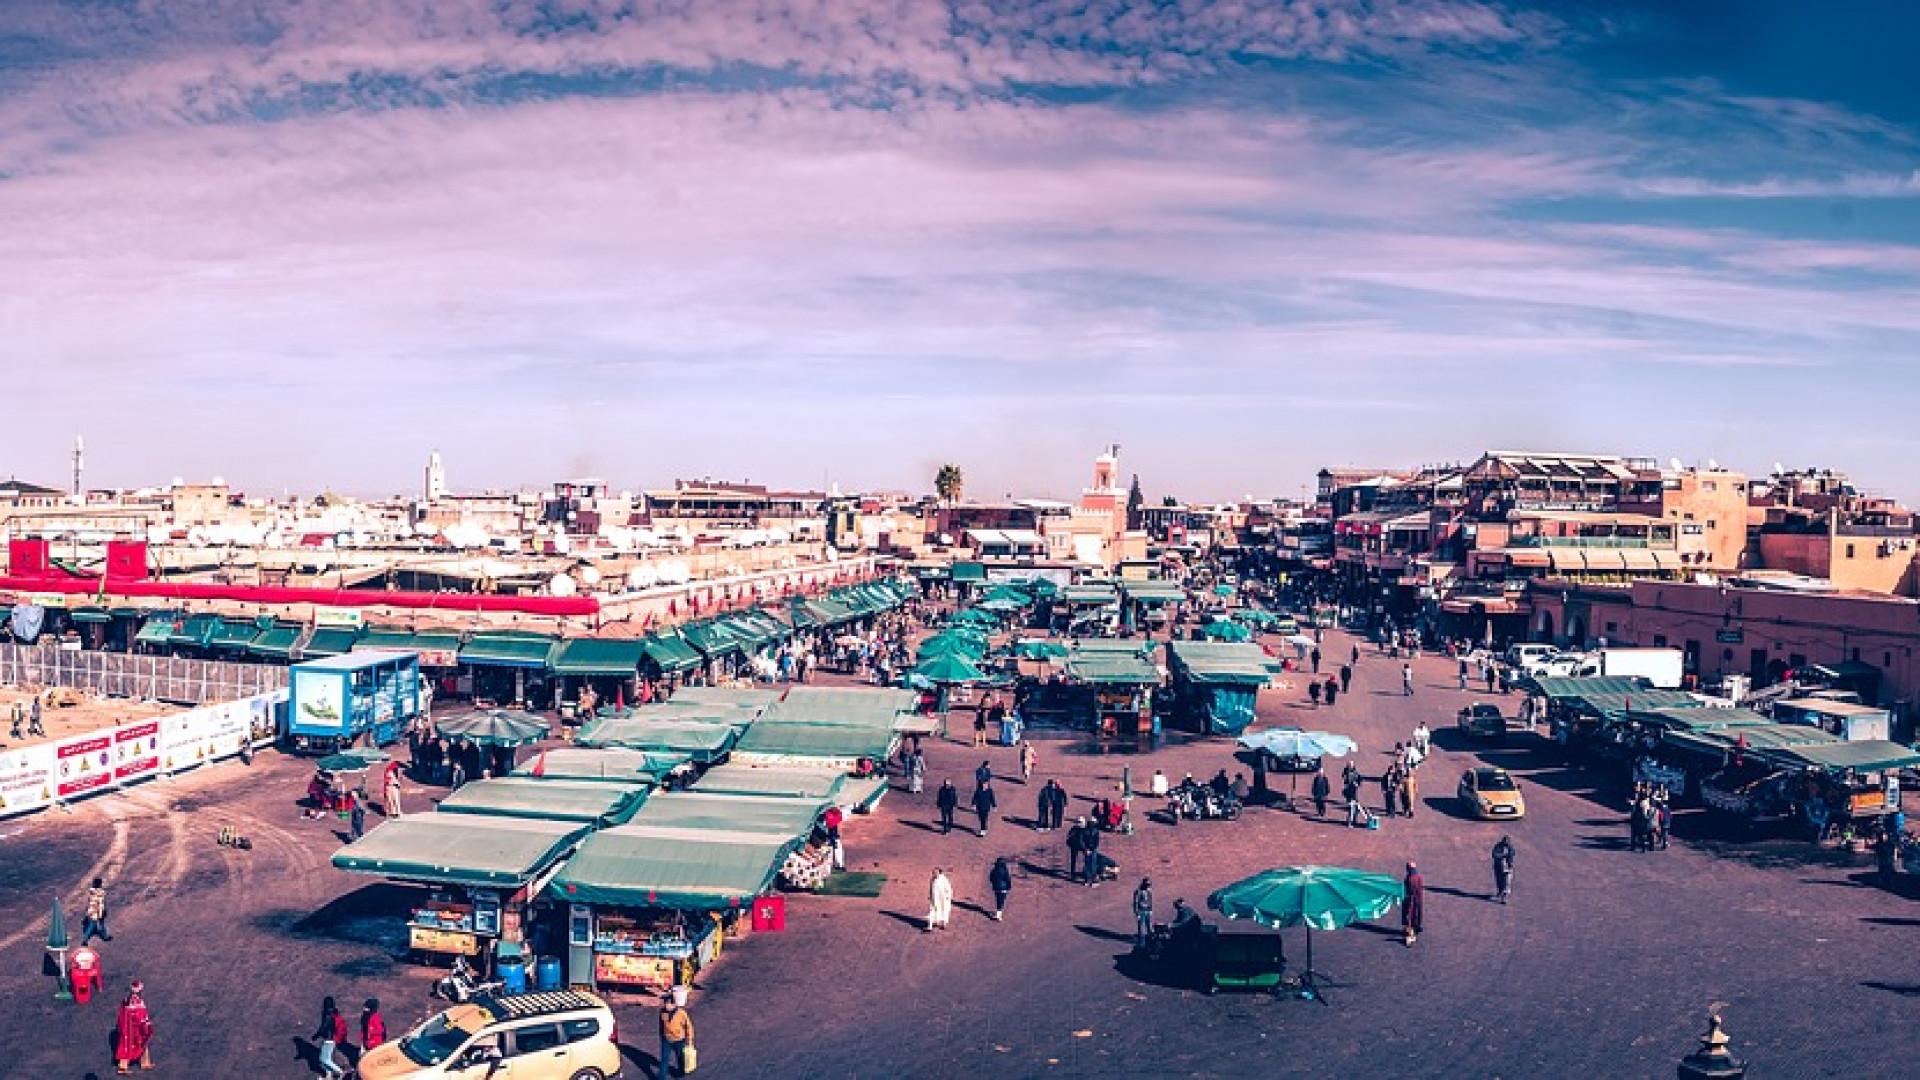 afd773328c4a85c225cfe2ffce83bb87 - De magnifiques photos de votre mariage à Marrakech